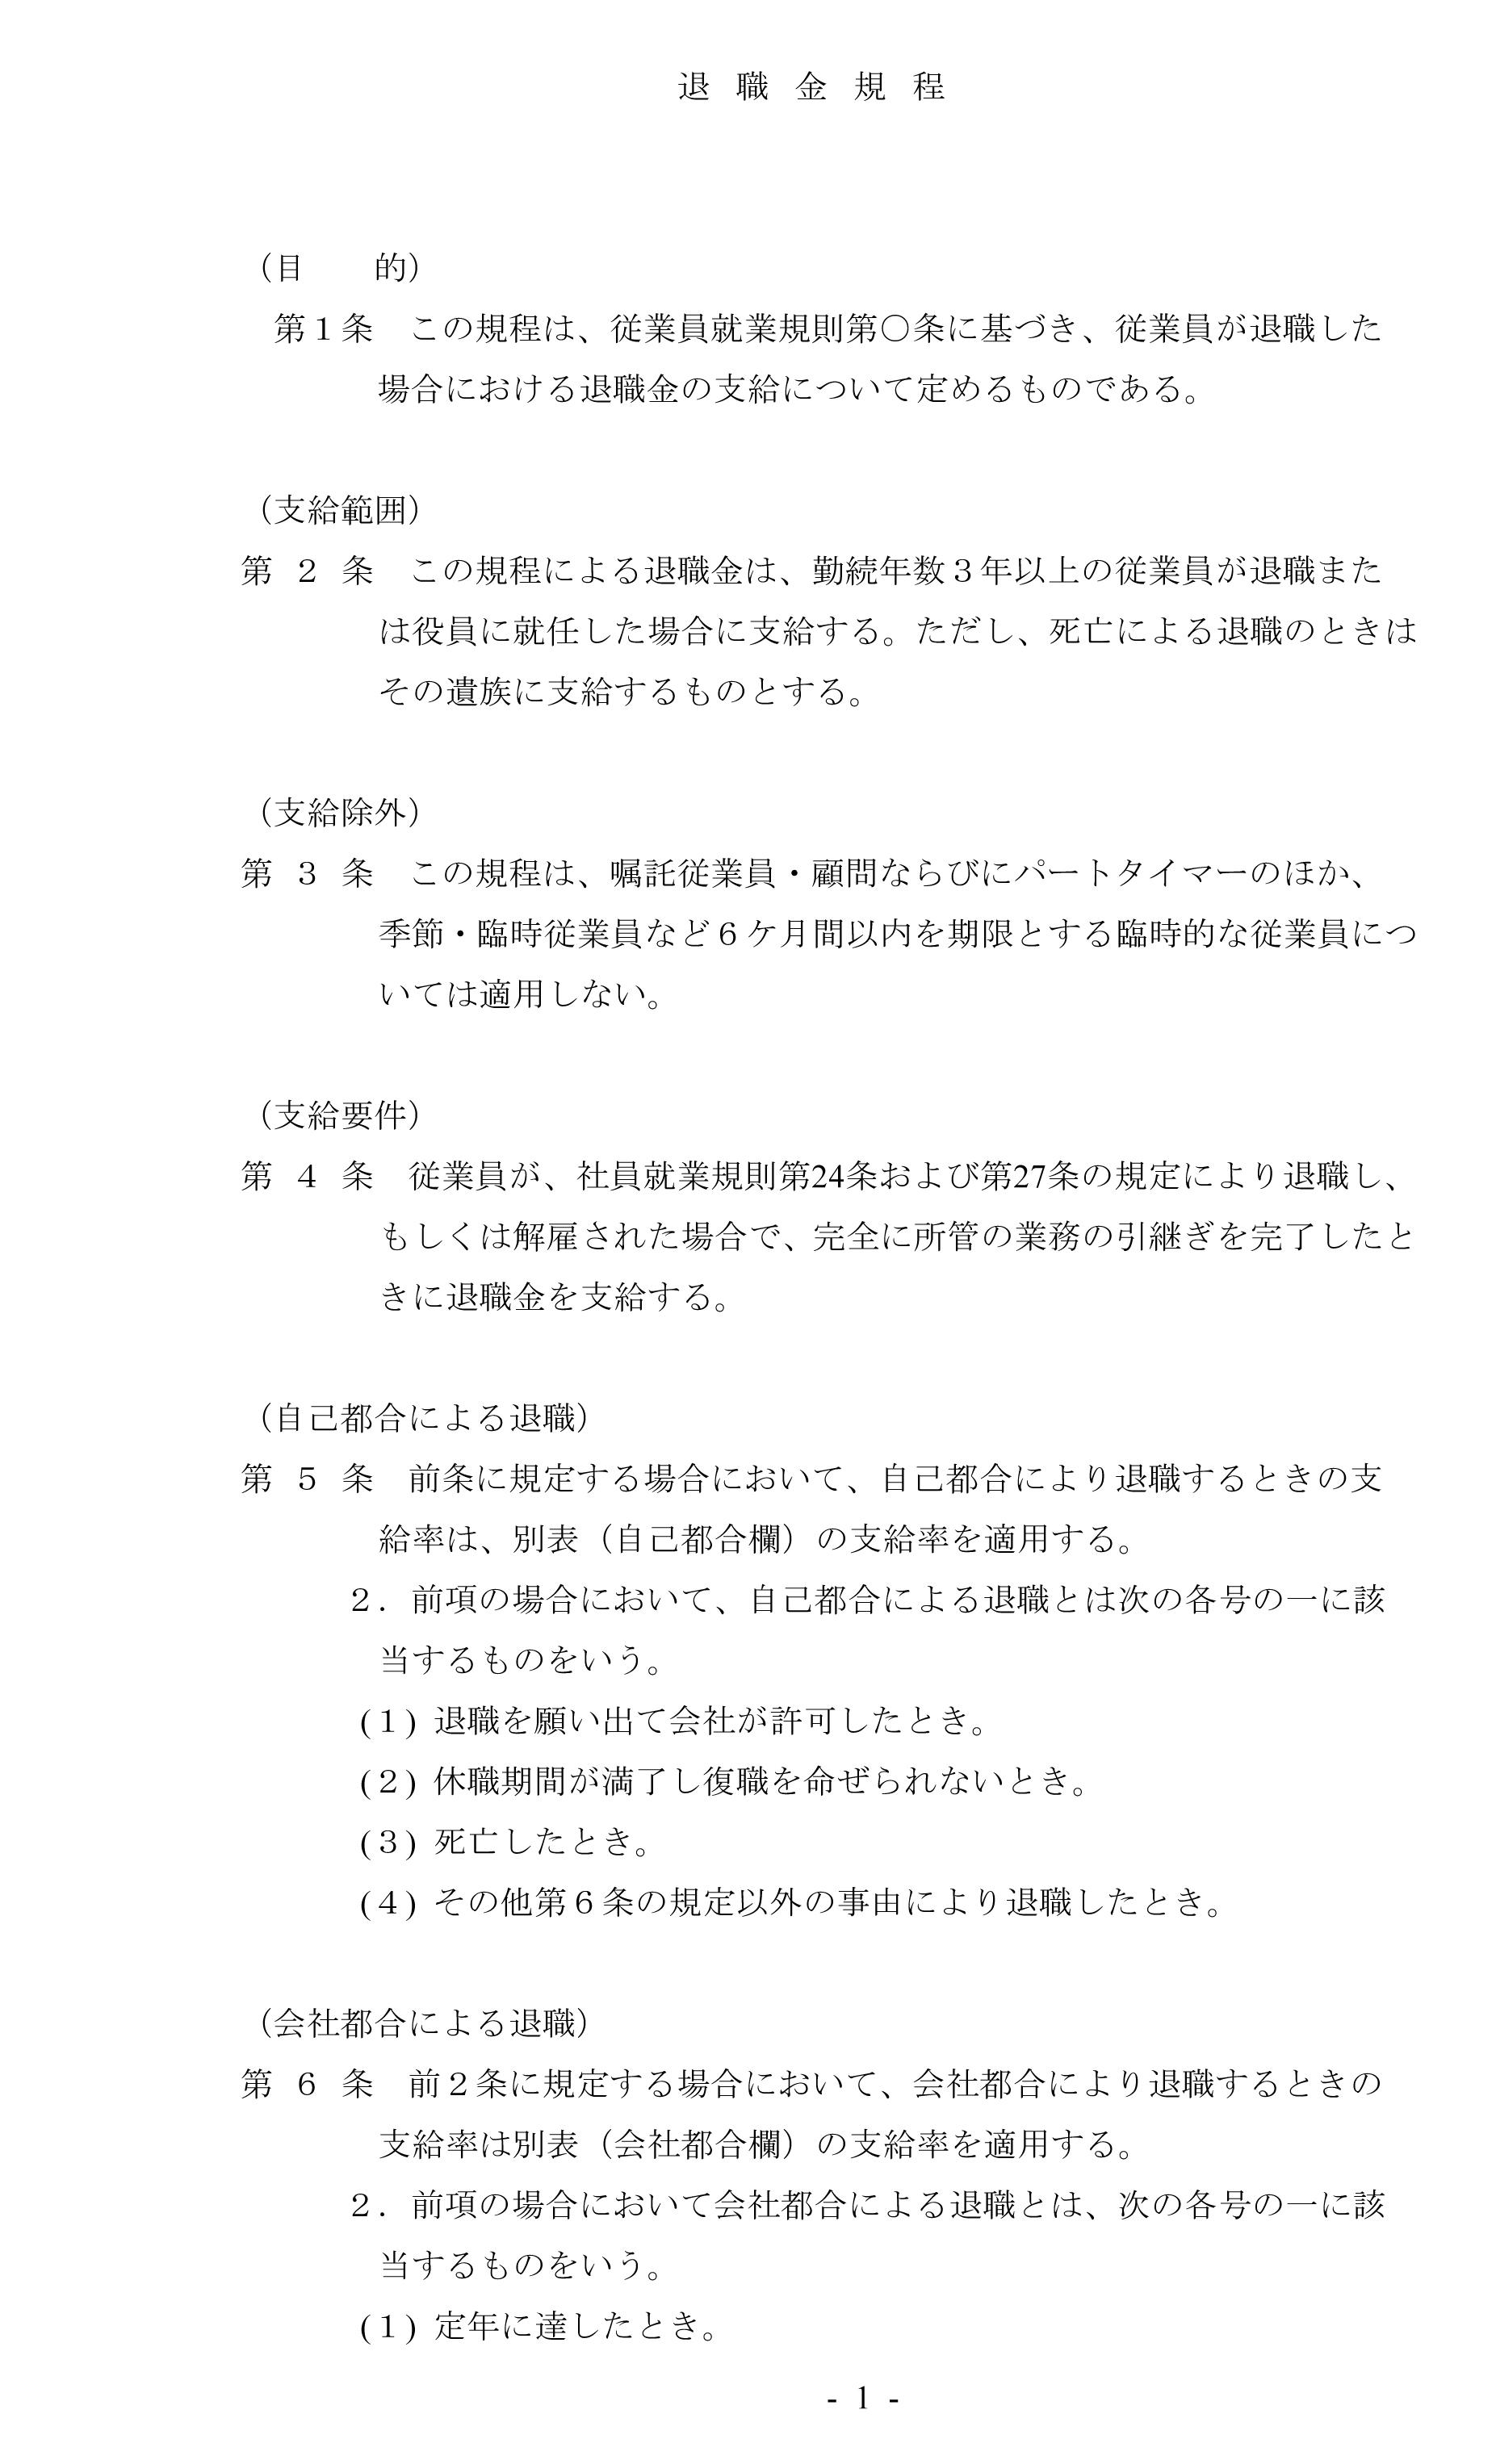 退職金規程02